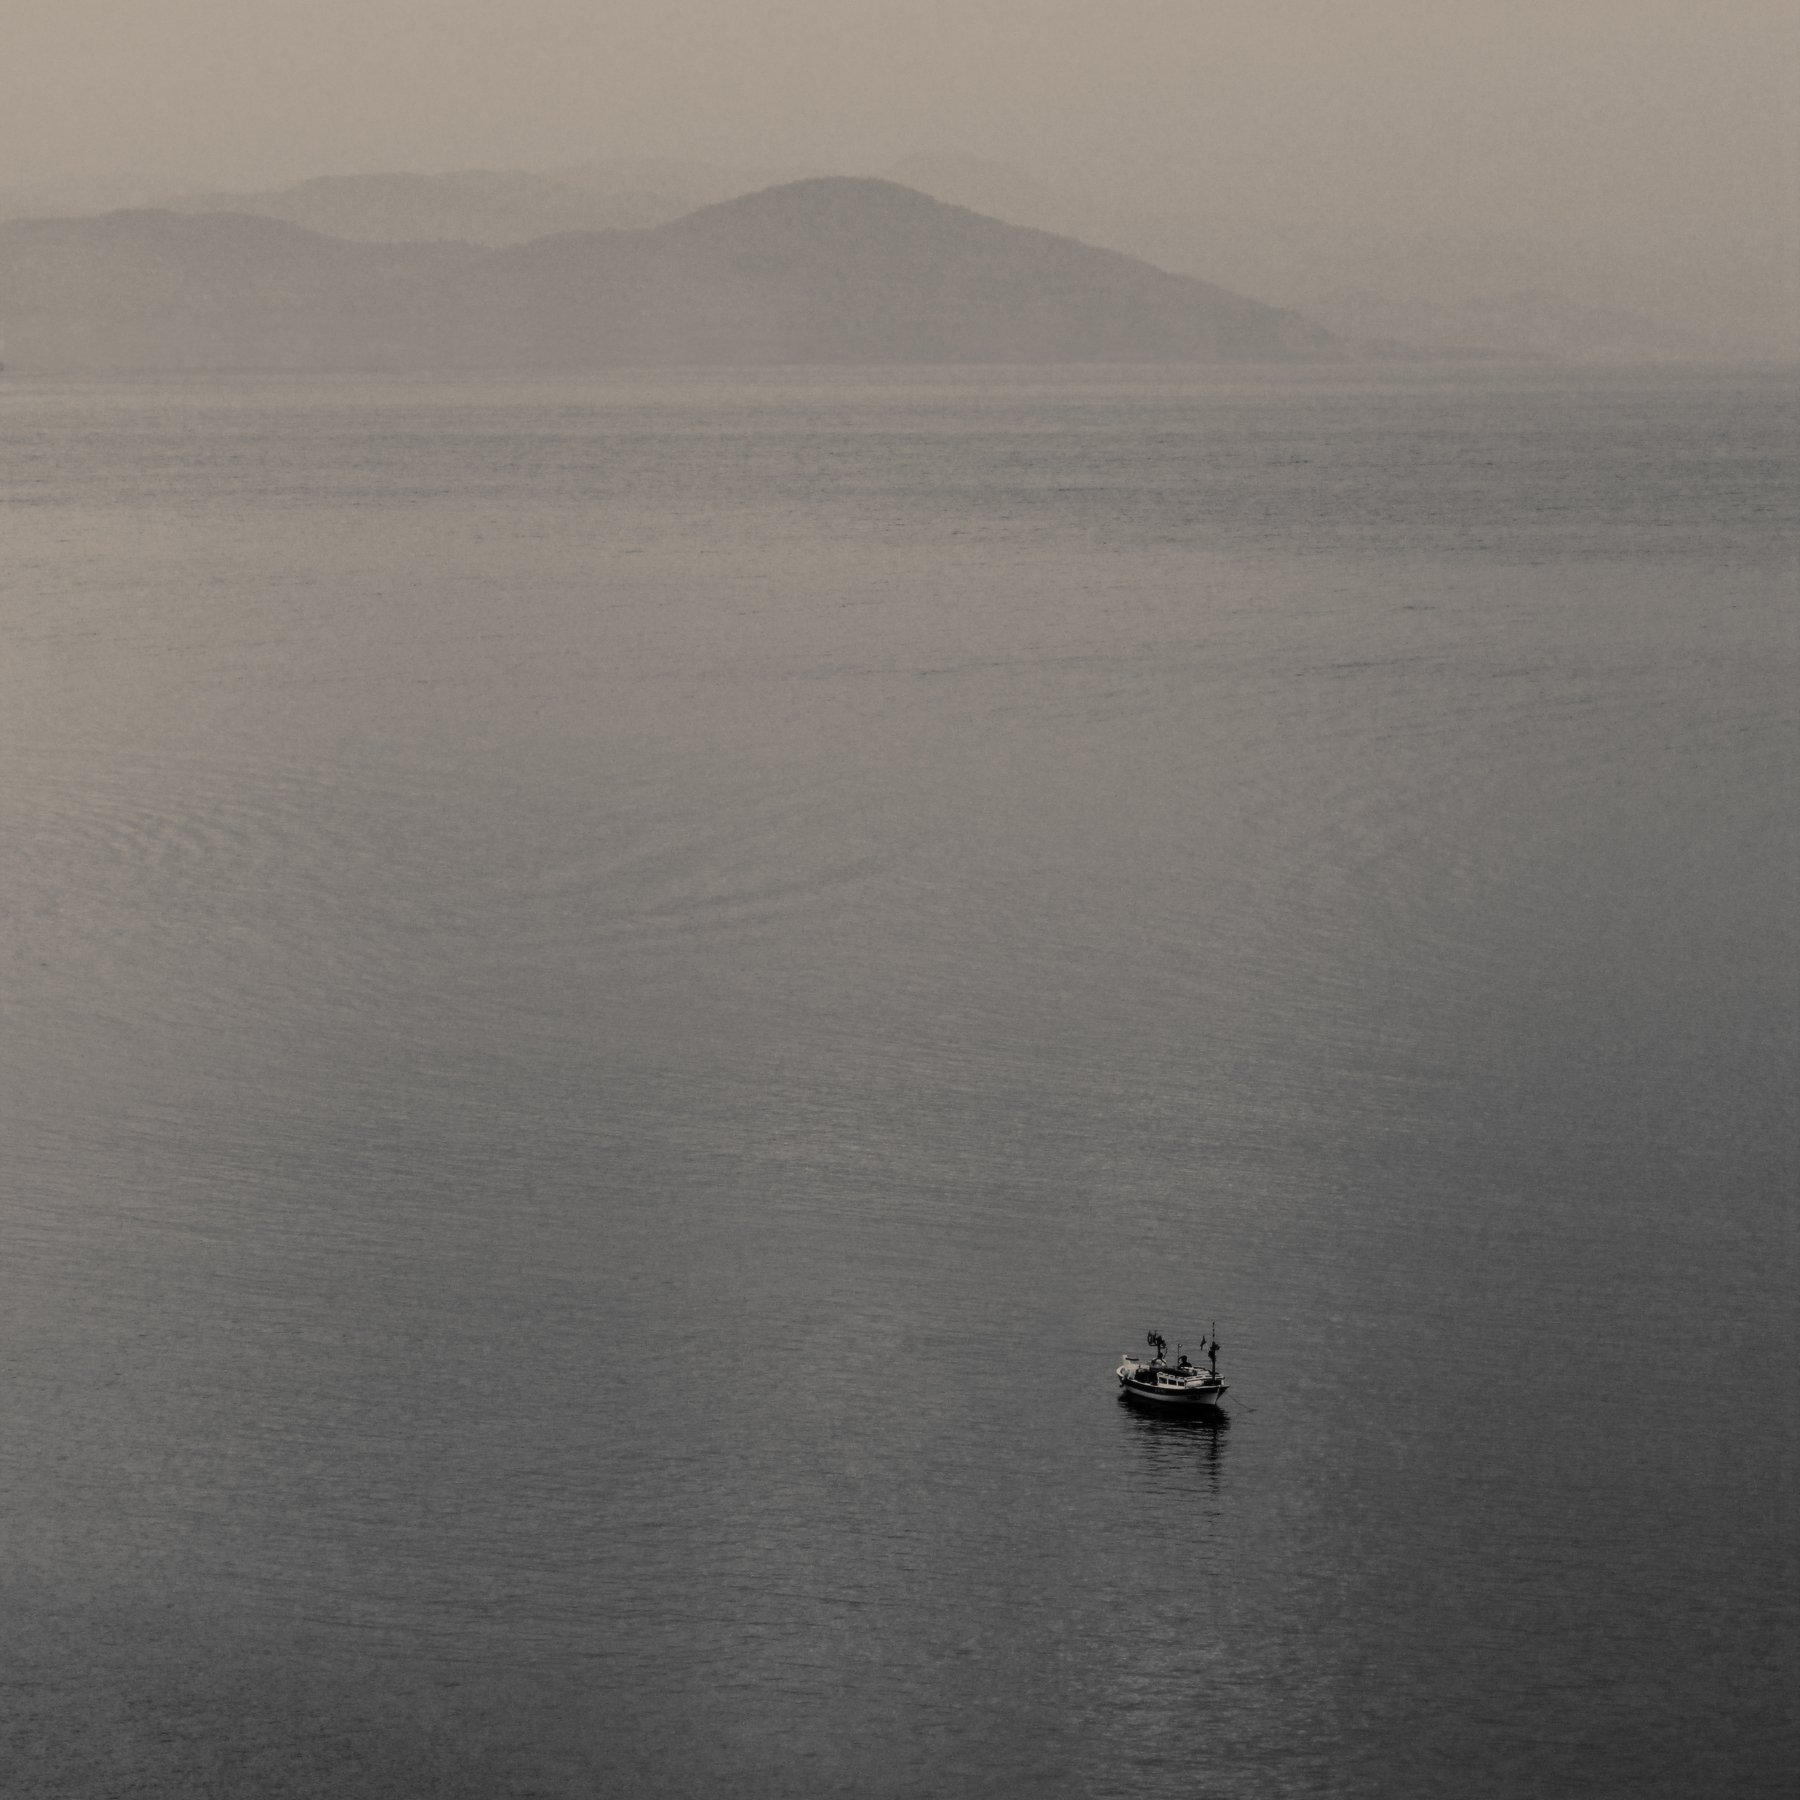 лодка море горы, Иванчиков Дмитрий